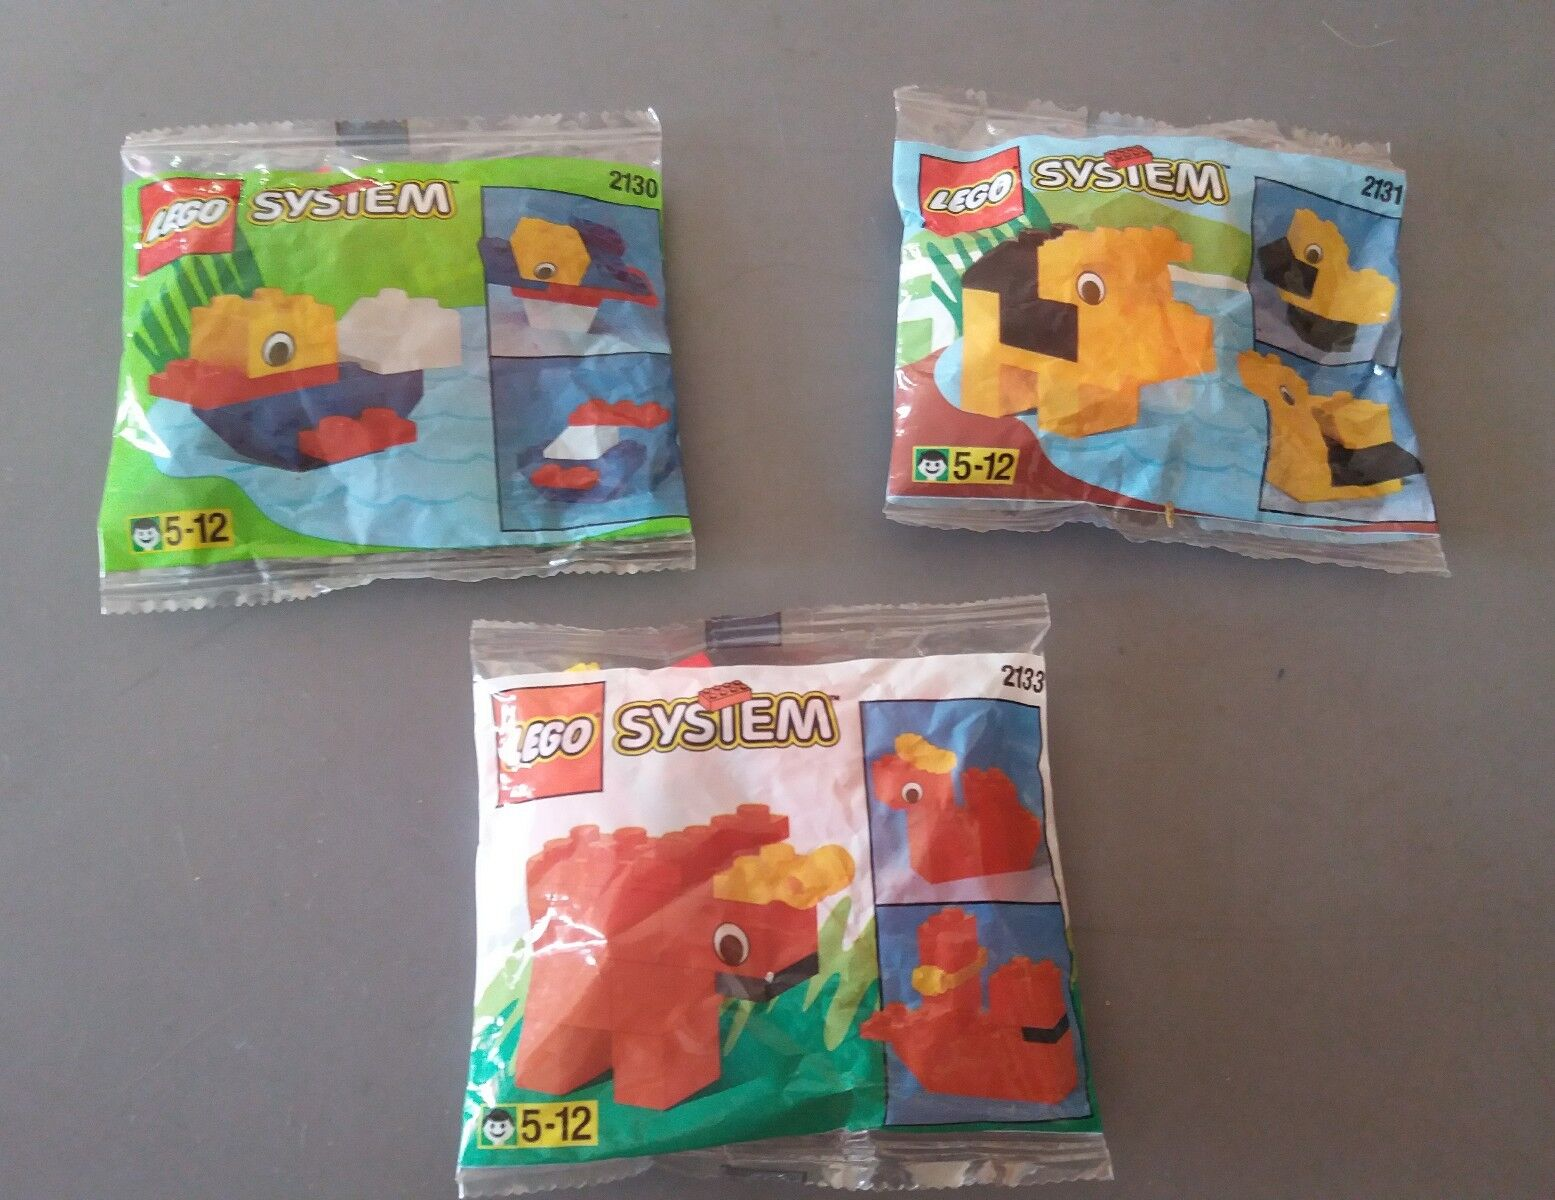 LEGO SYSTEM 2130 + 2131 + 2133 PROMO LEGO GROUP VINTAGE SEALED NEW NUOVO